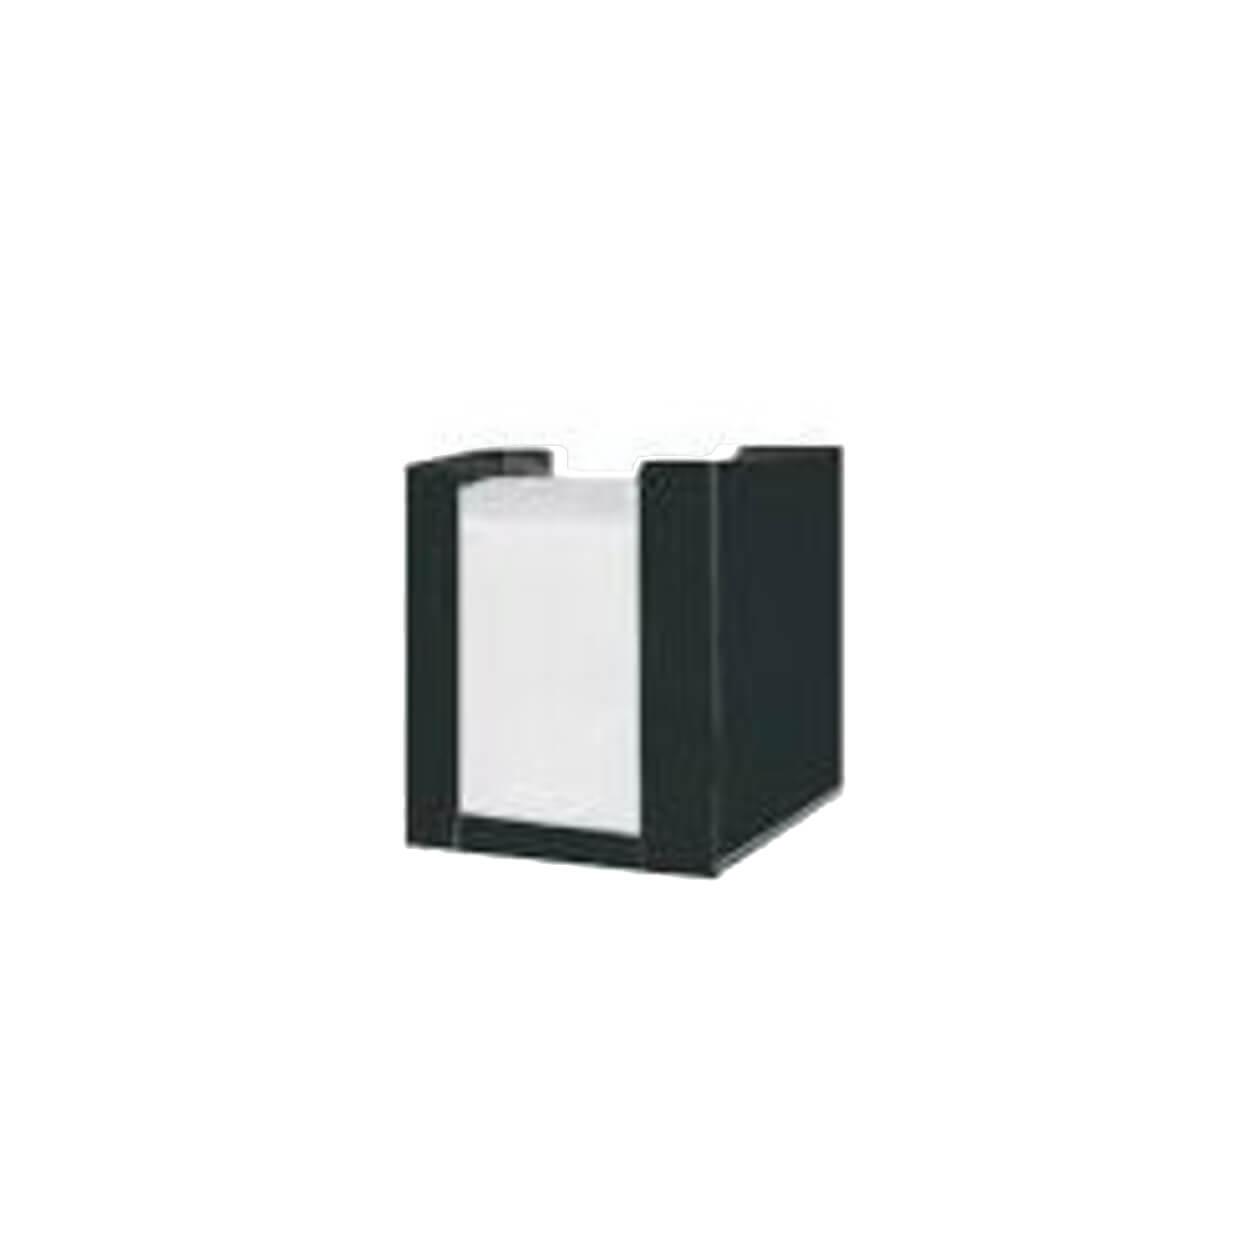 ΧΑΡΤΟΠΕΤΣΕΤΟΘΗΚΗ ΜΕΓΑΛΗ ΜΑΥΡΗ 16,5×16,5×18